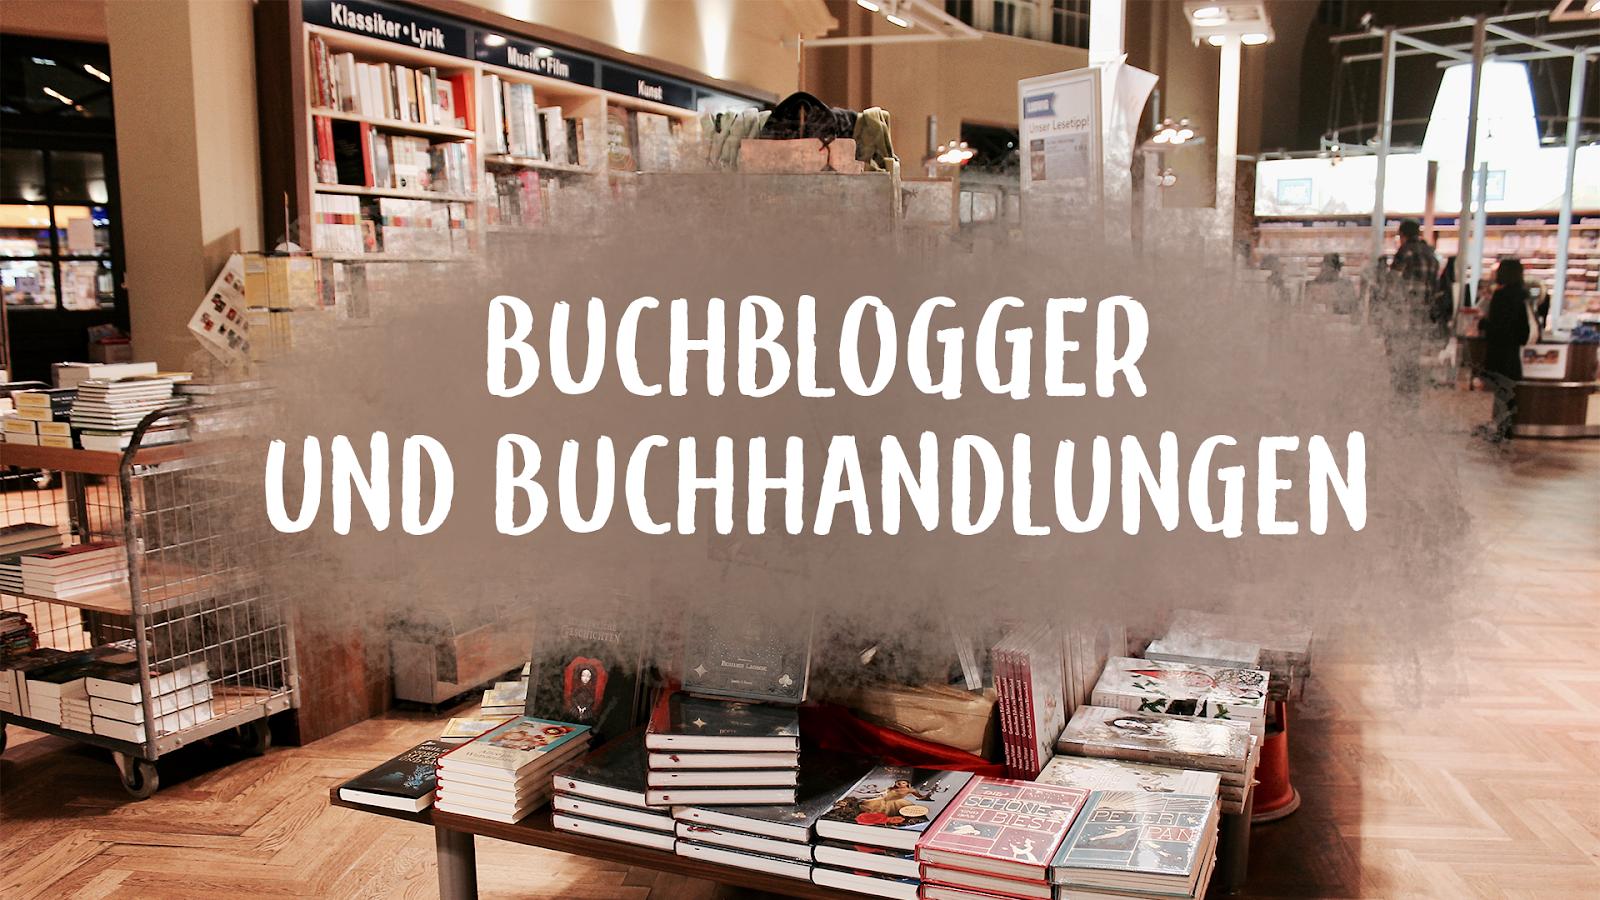 Buchblogger und Buchhandlungen, Kooperationsmöglichkeiten, Buchhandel, Miss Paperback, Literaturblog